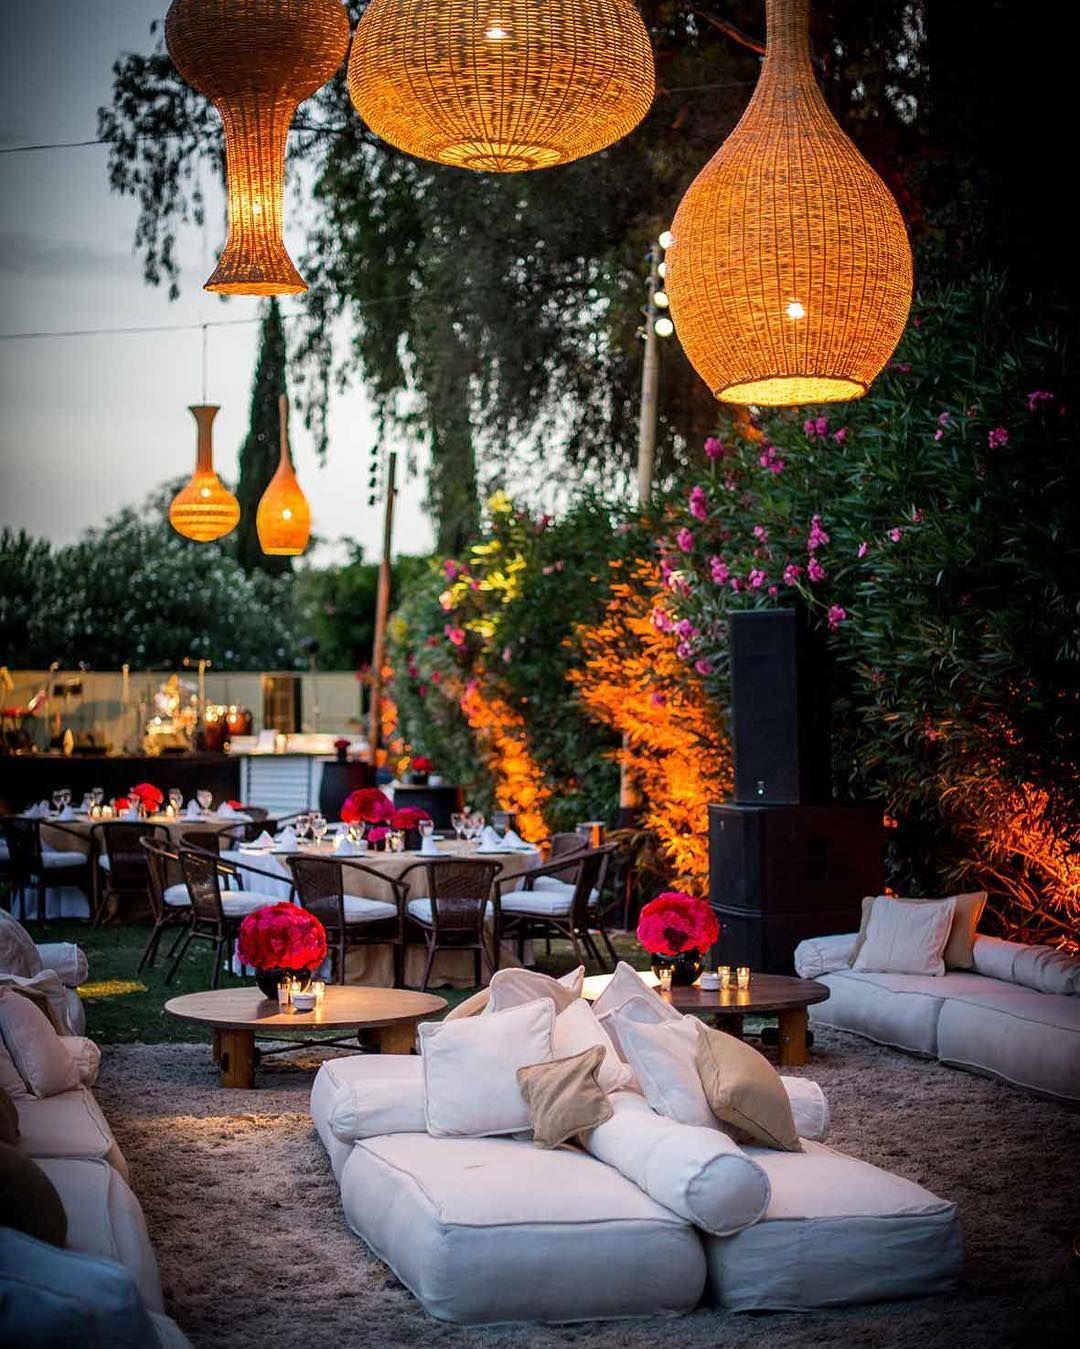 Este es el resultado de una boda con inspiración marroquí y española en Cádiz.  Qué os parece? 😊 #atipicaweddings #moroccan #spanish #inspiration #sotogrande #weddingorganization